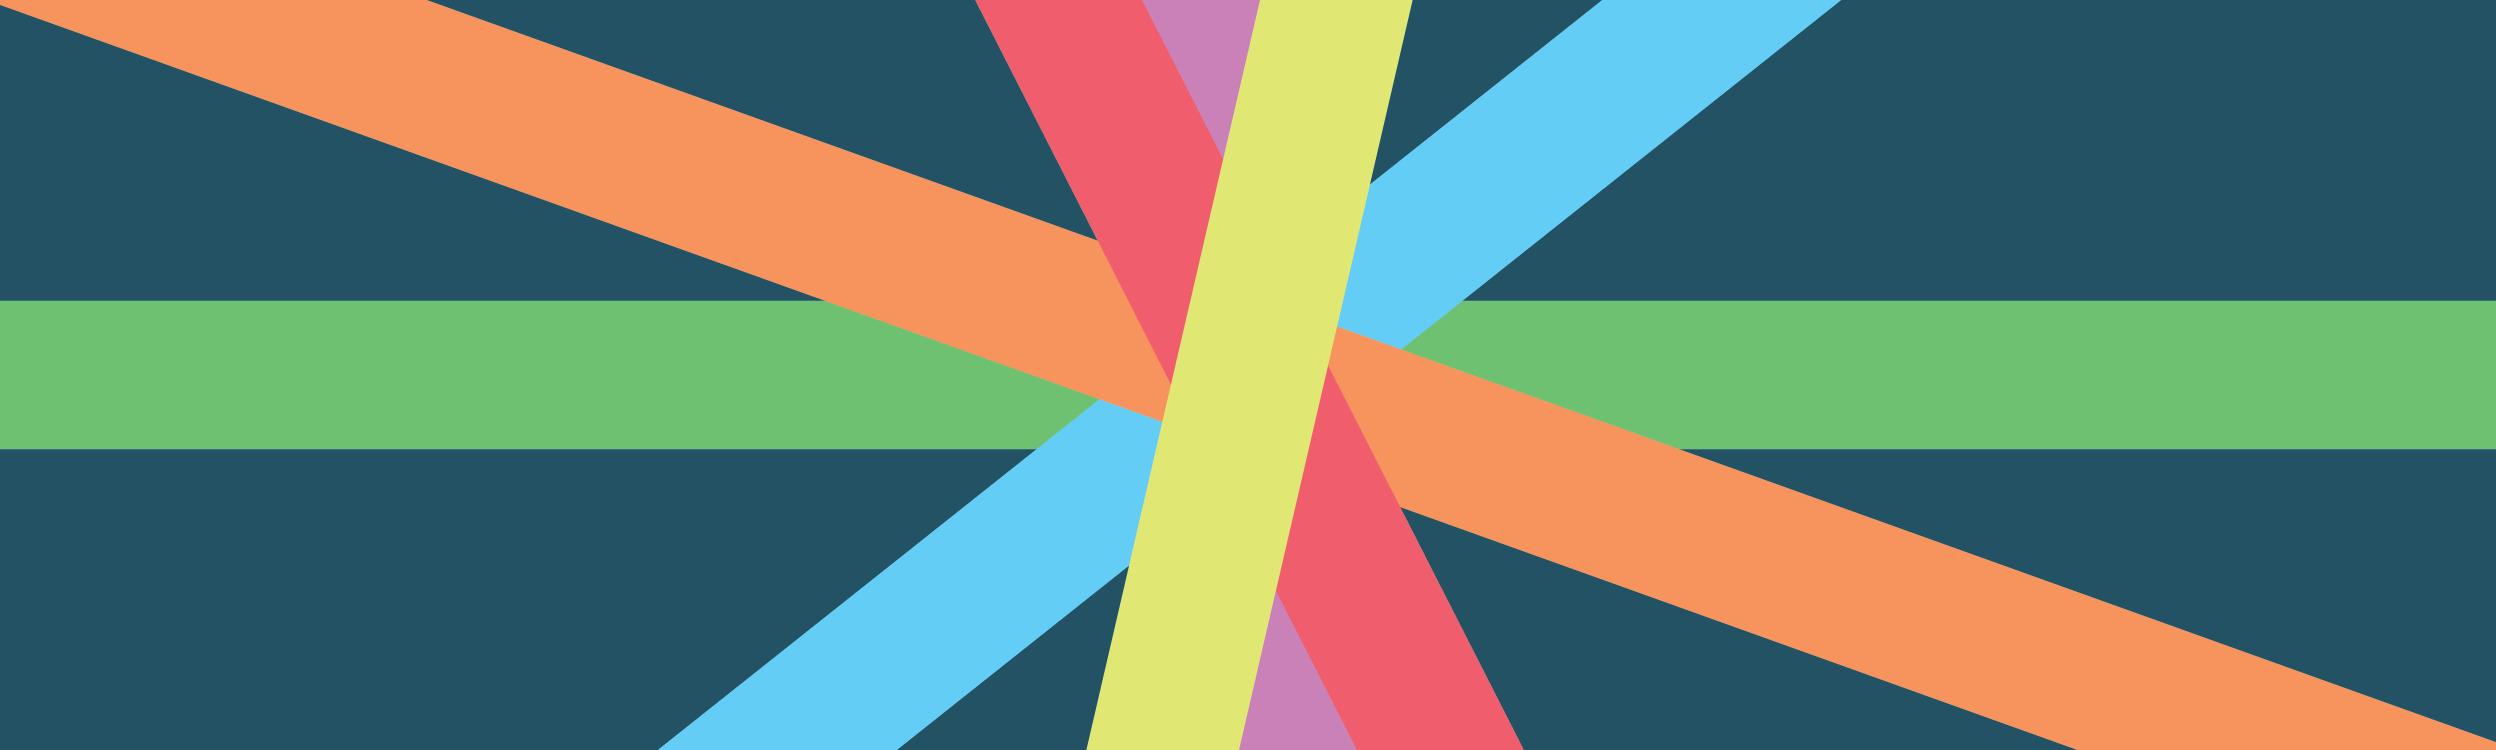 CPDF (@designforumorg) Cover Image